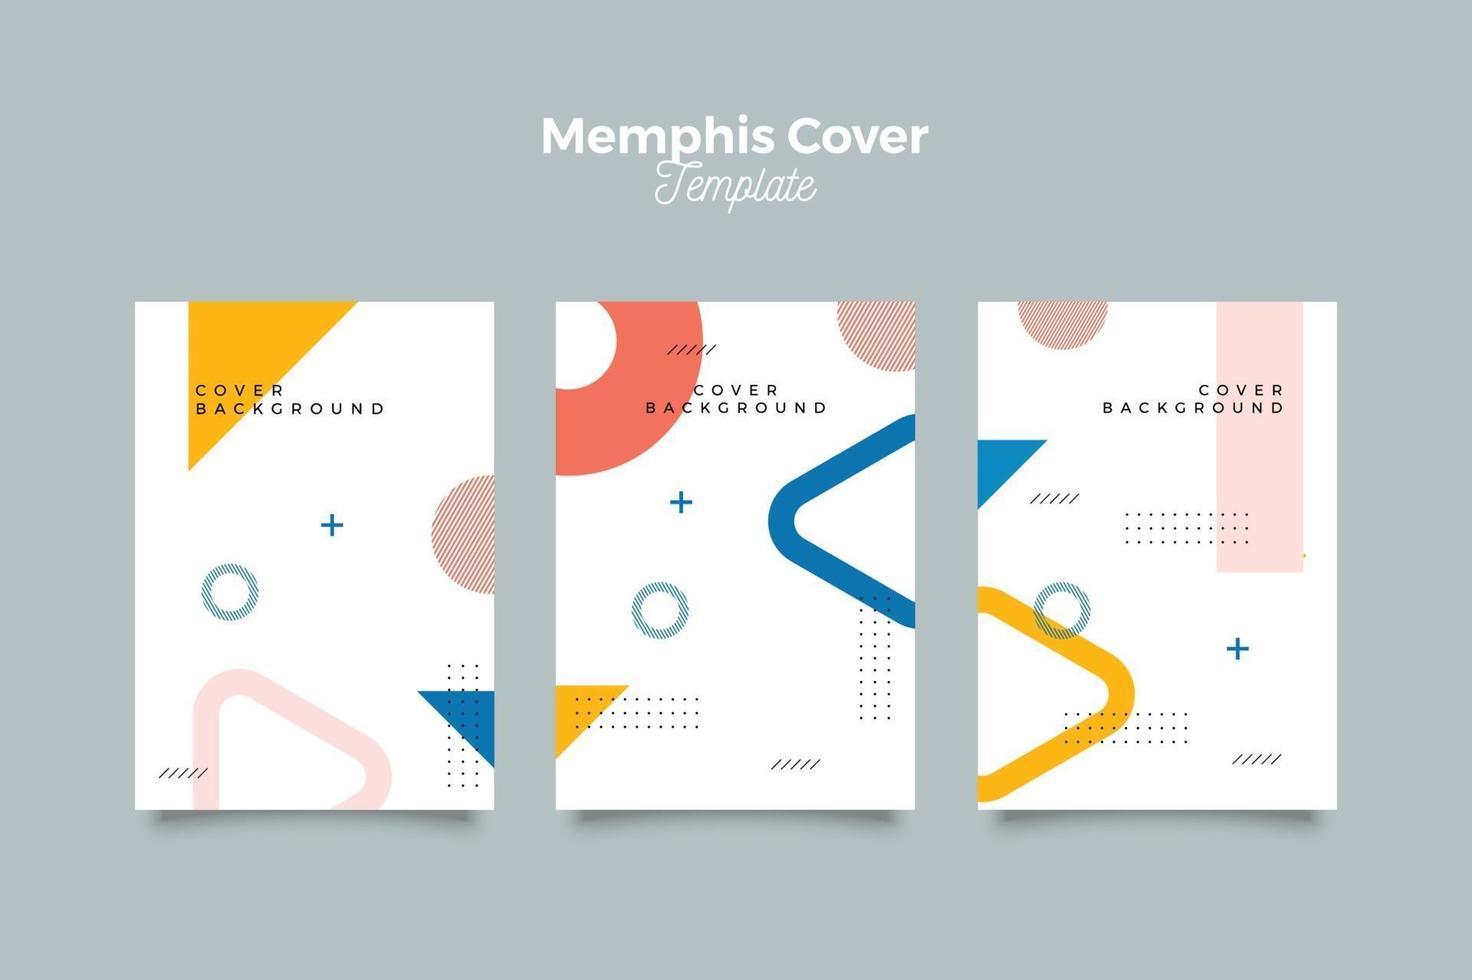 Satz von abstrakten Memphis umfasst Sammlung vektor